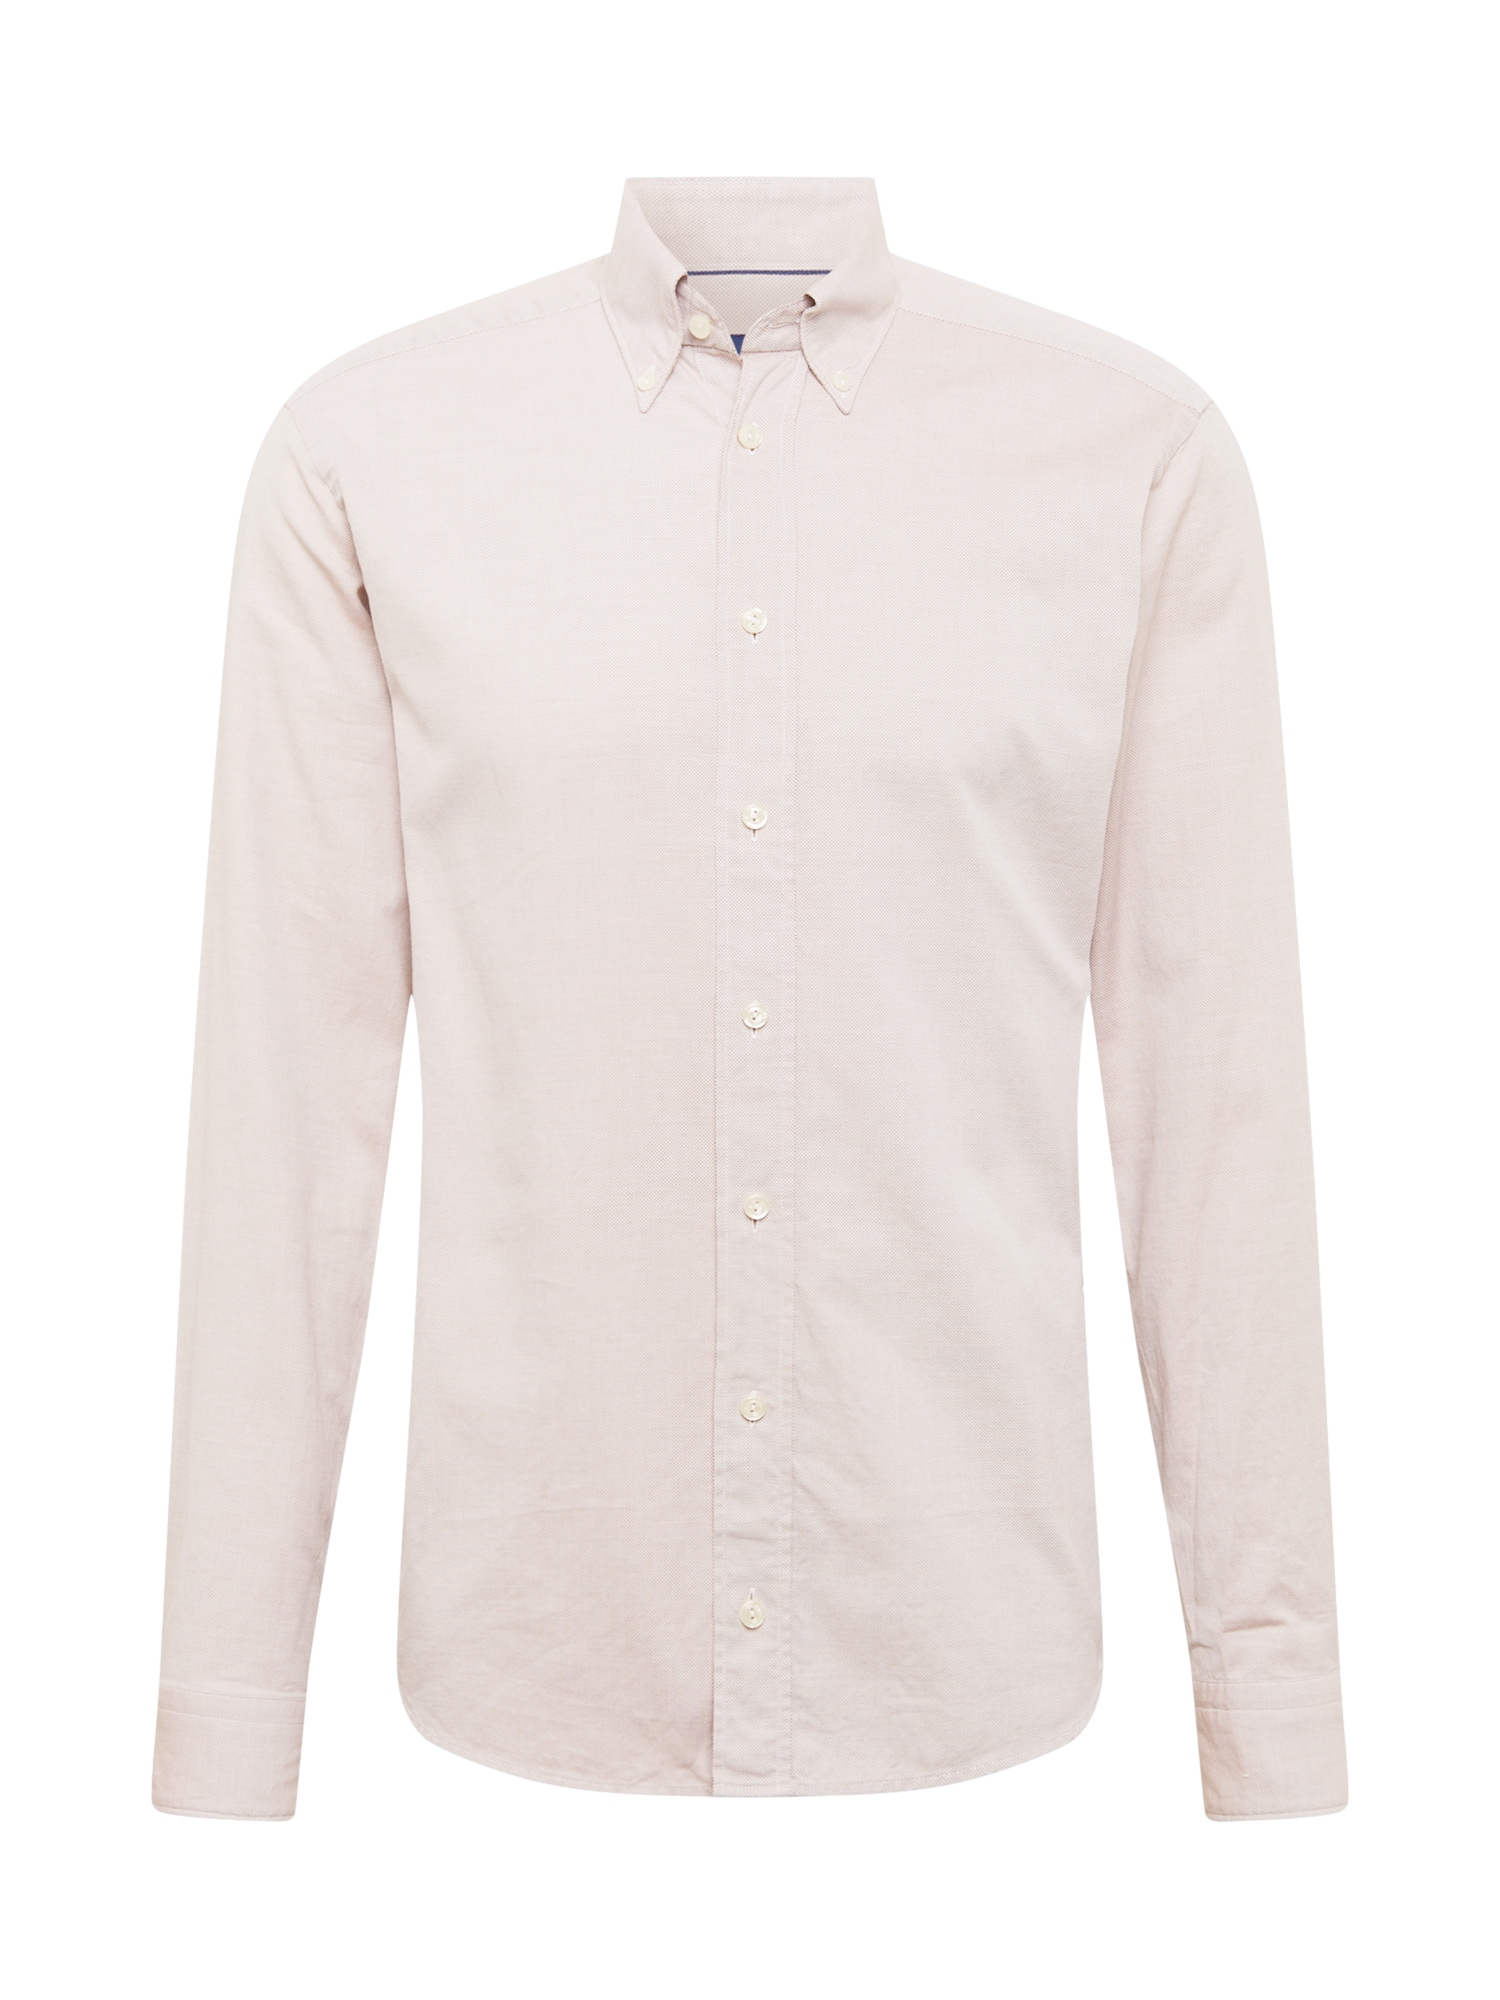 ETON Marškiniai pastelinė raudona / marga smėlio spalva